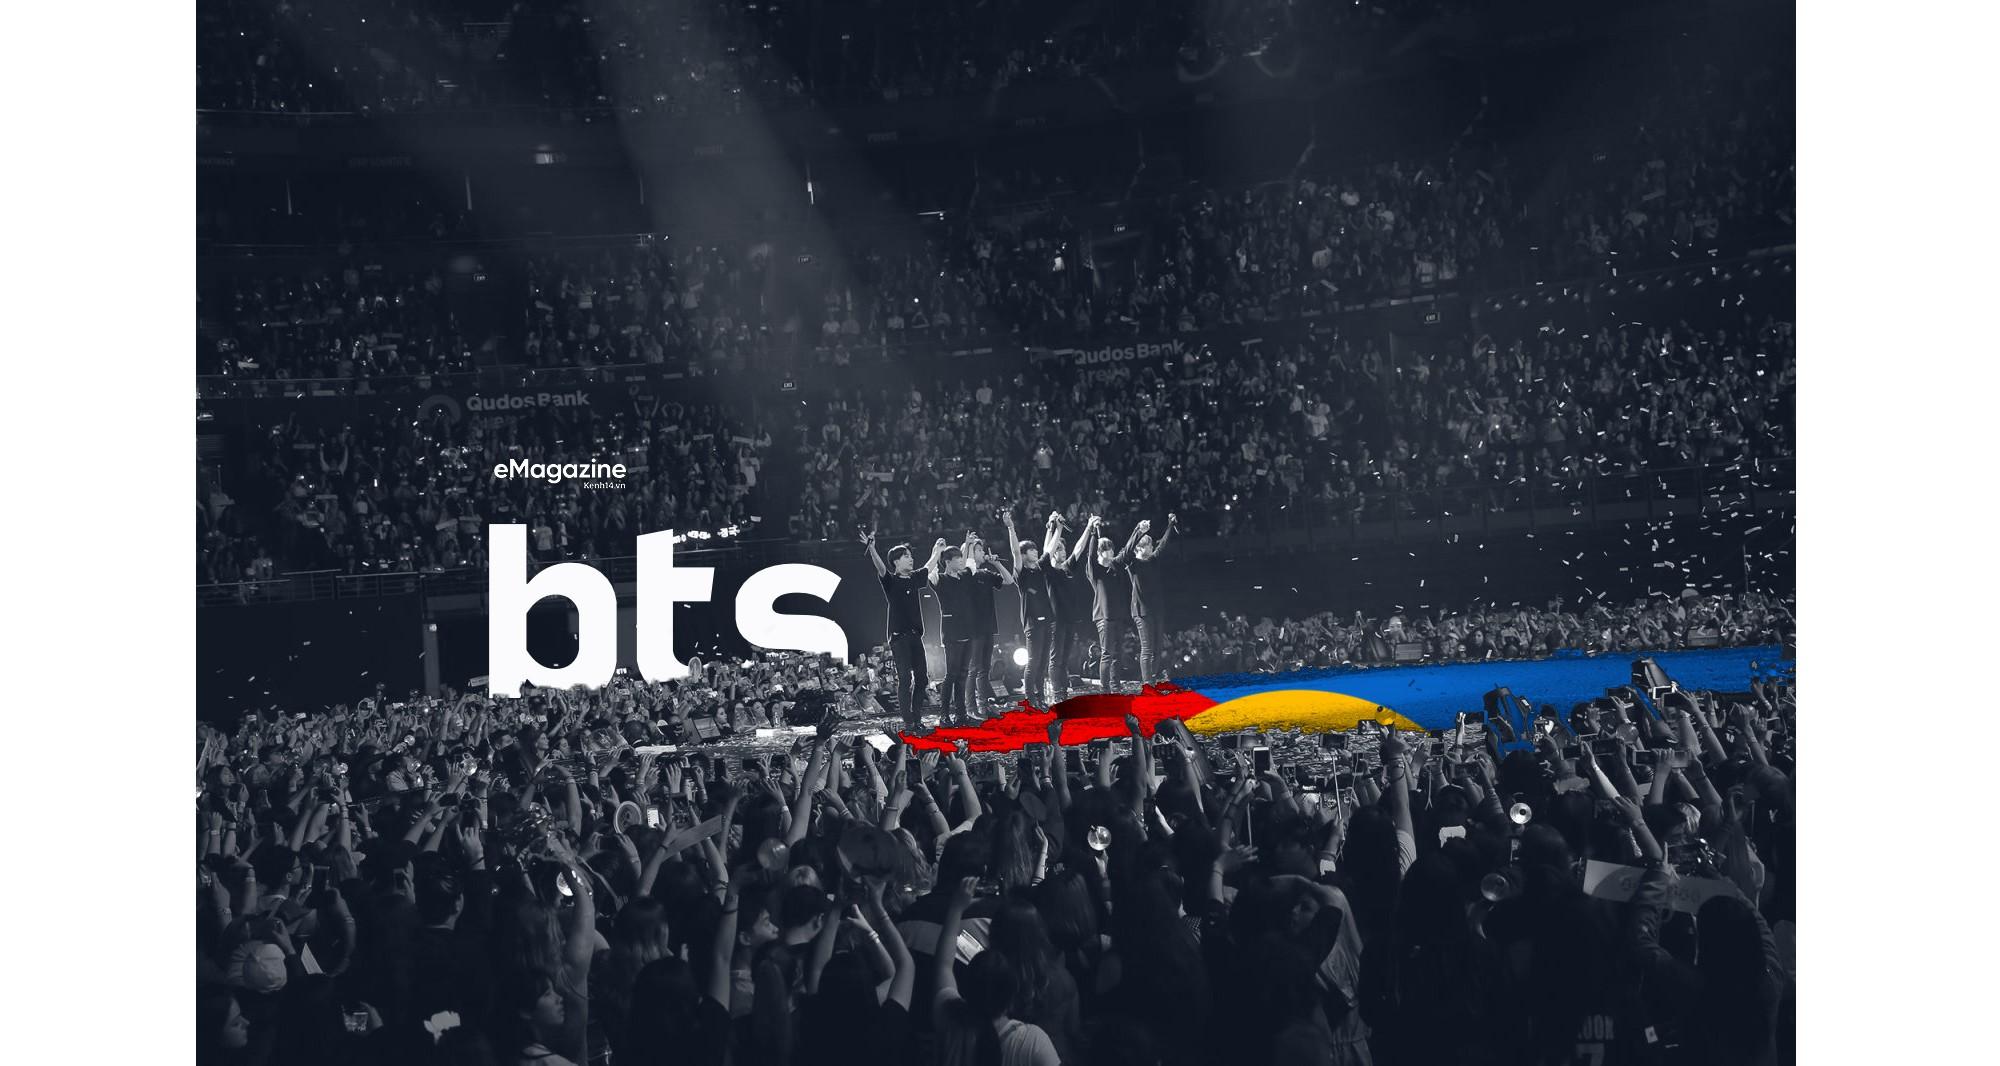 """Psy, BTS và câu chuyện về những người mở đường cho """"Giấc mơ Mỹ"""" của các nghệ sĩ Hàn - Ảnh 14."""